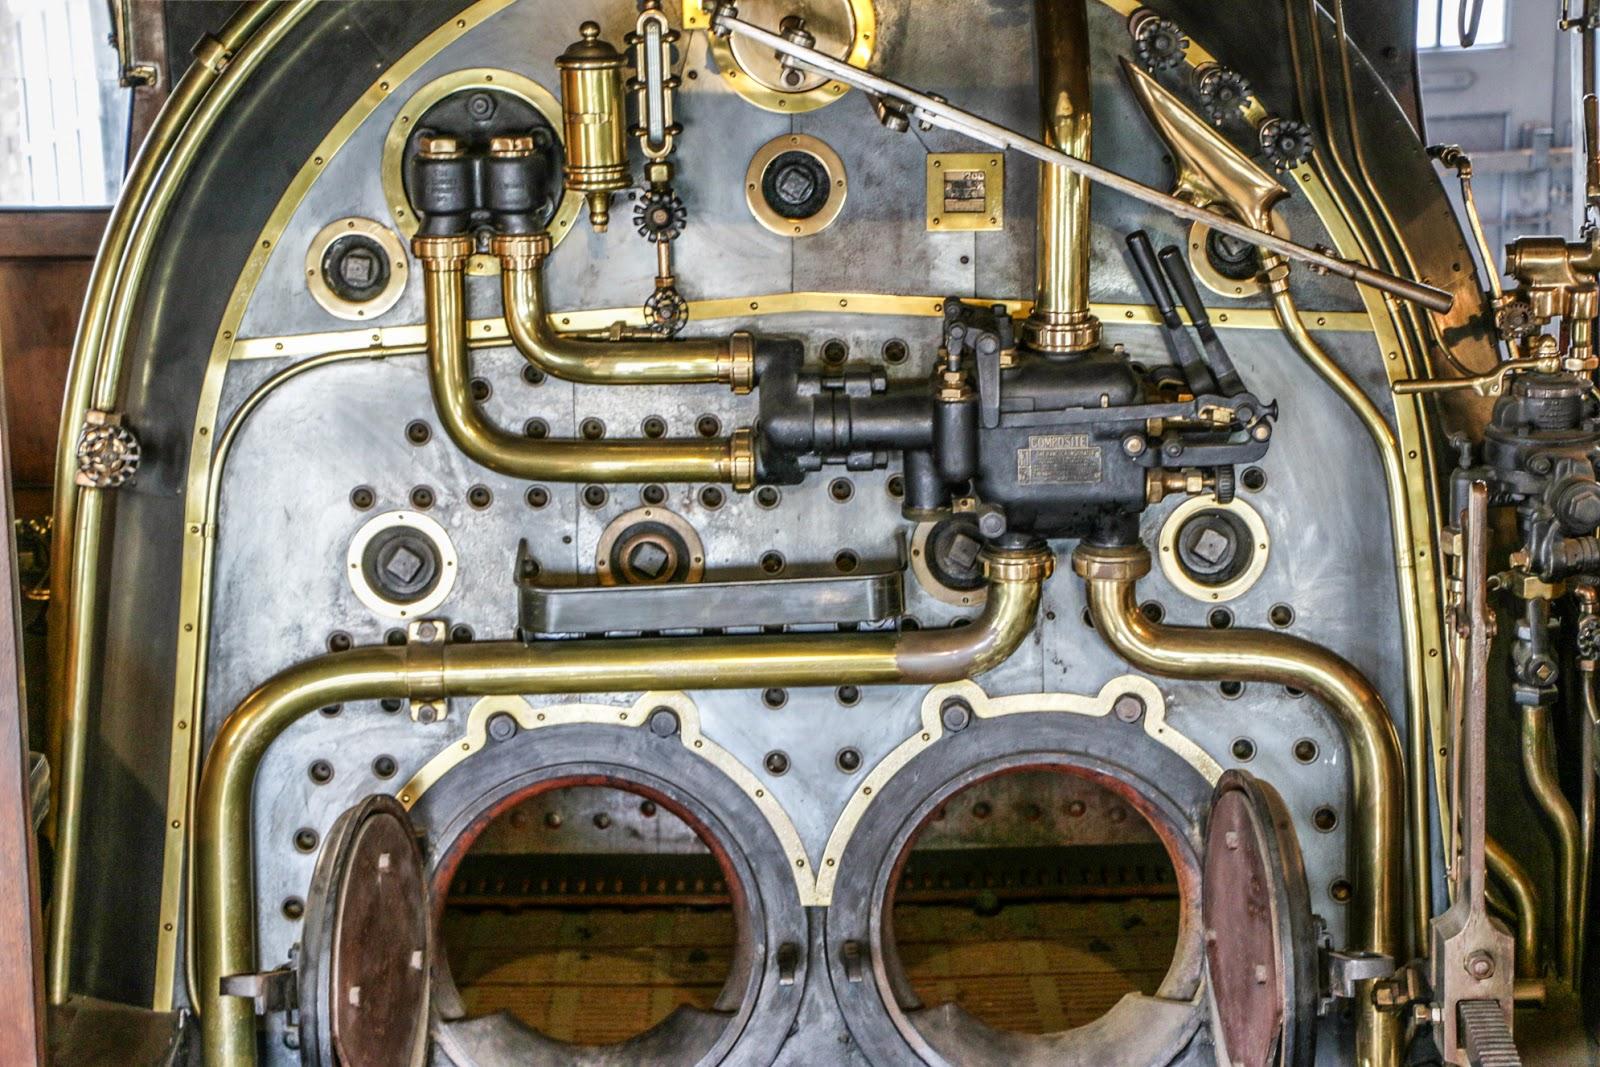 панель приборов паровоза